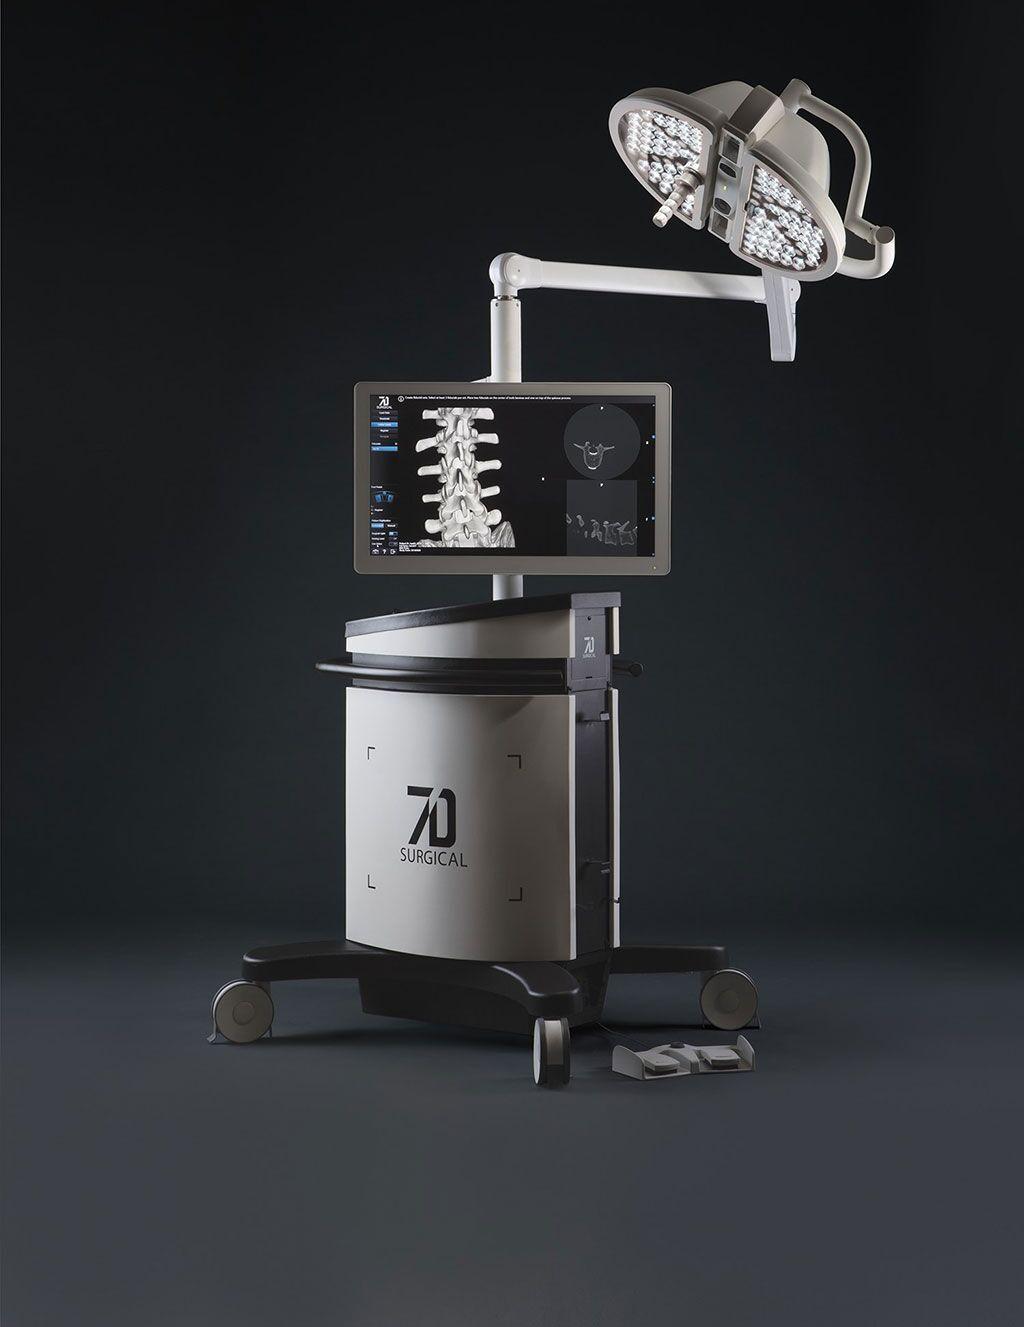 Imagen: Sistema quirúrgico 7D (Fotografía cortesía de 7D Surgical)